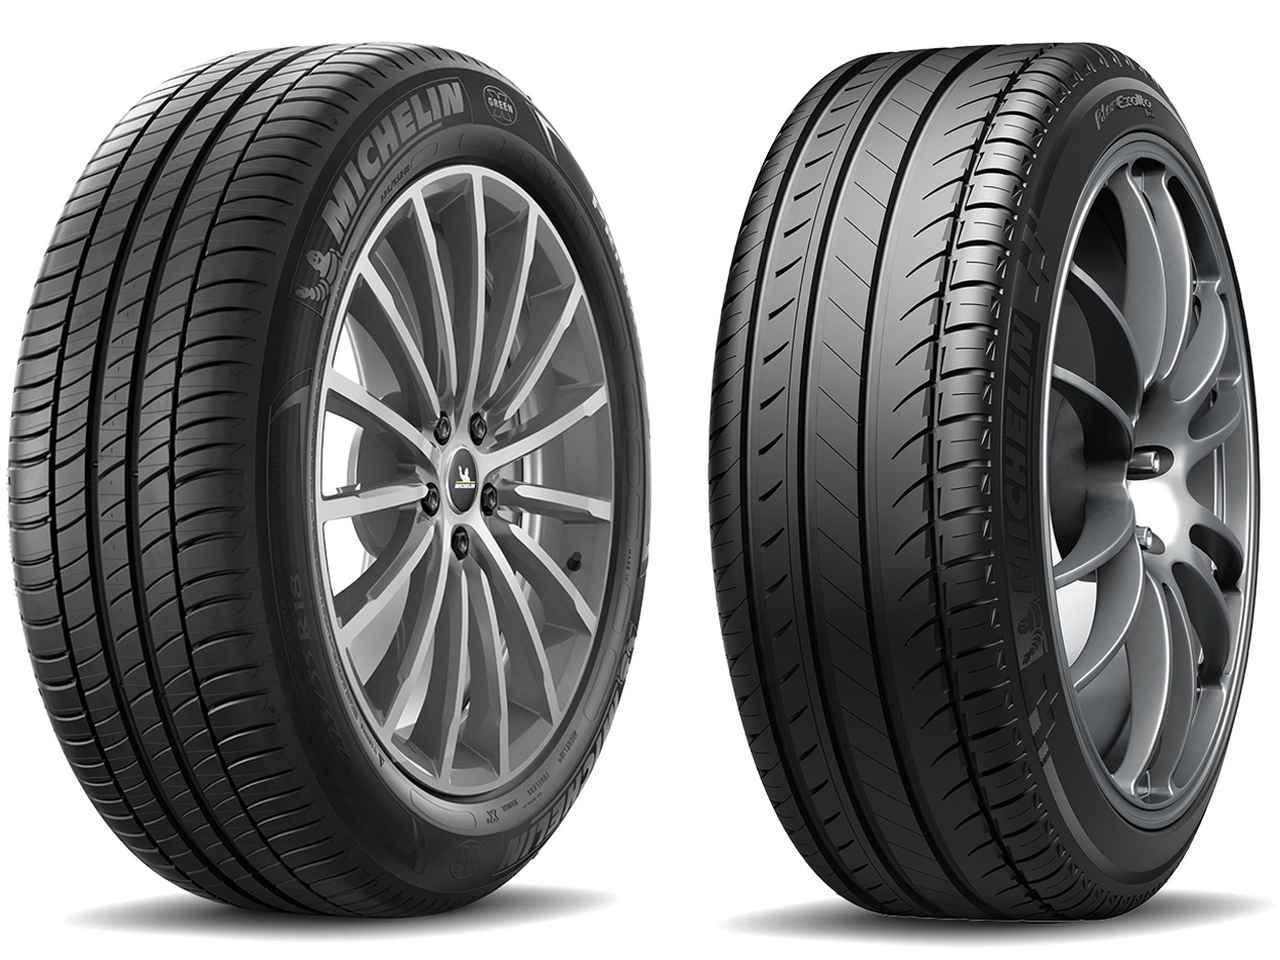 ミシュランがネオクラシック向けタイヤ発表。プジョー206やアルファ145など1980~90年代モデルに